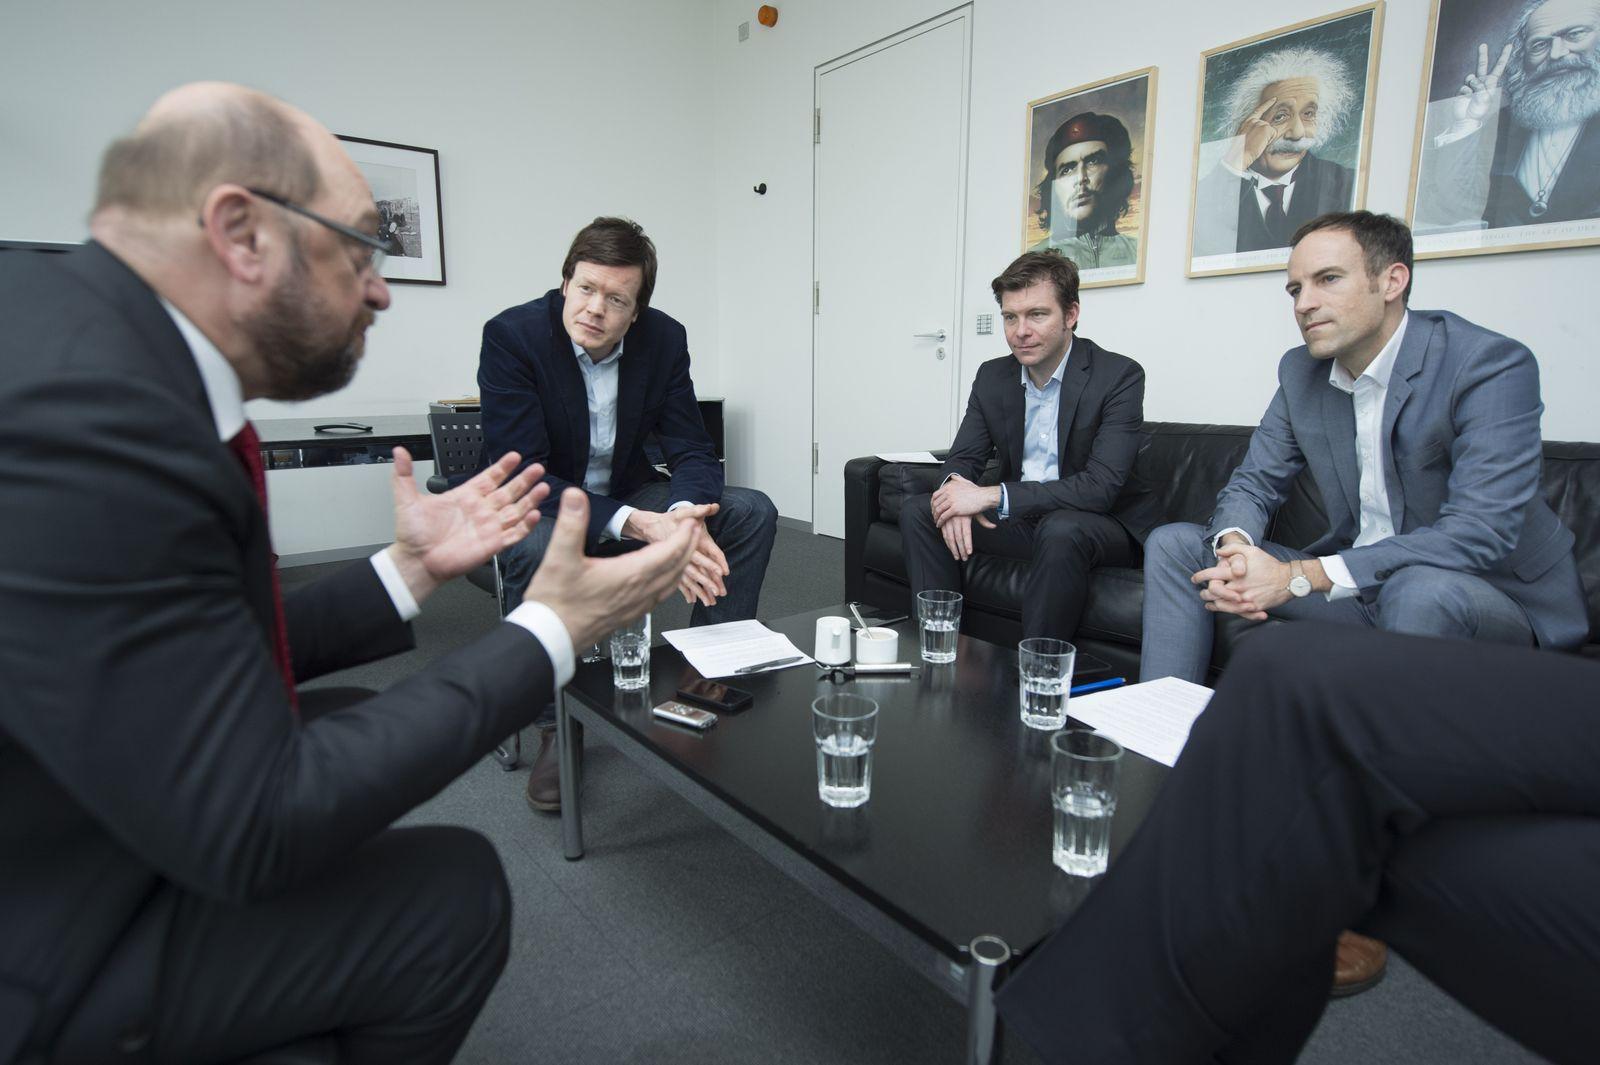 Schulz/ Interview